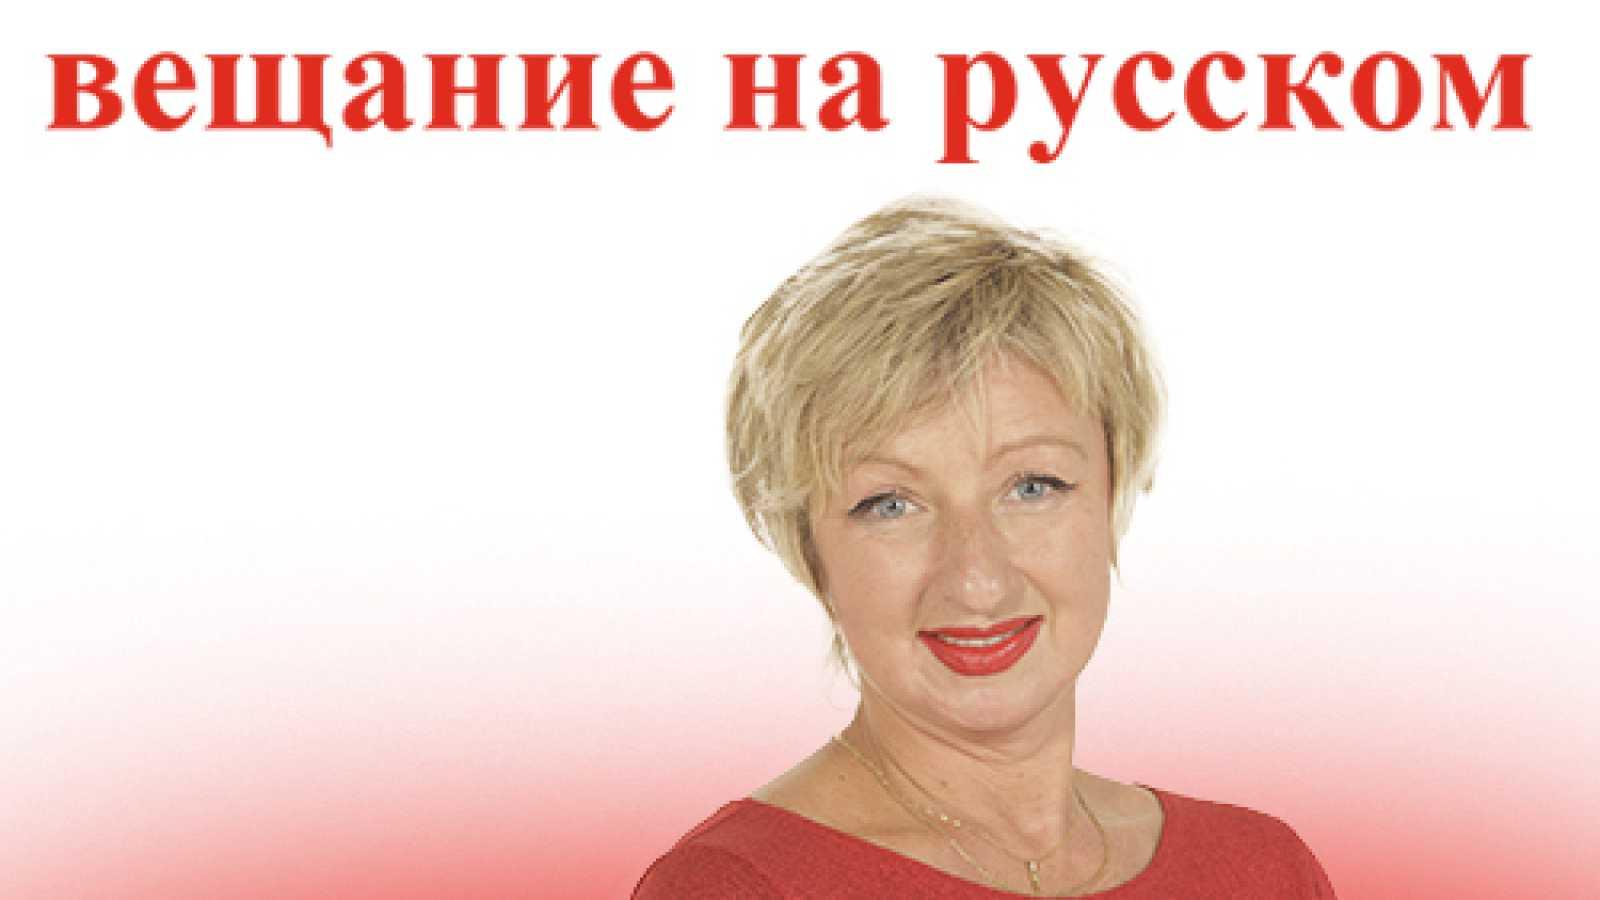 Emisión en ruso - 'Stariye pesni o glavnom' made in Spain. Vip.15 - 29/01/21 - escuchar ahora